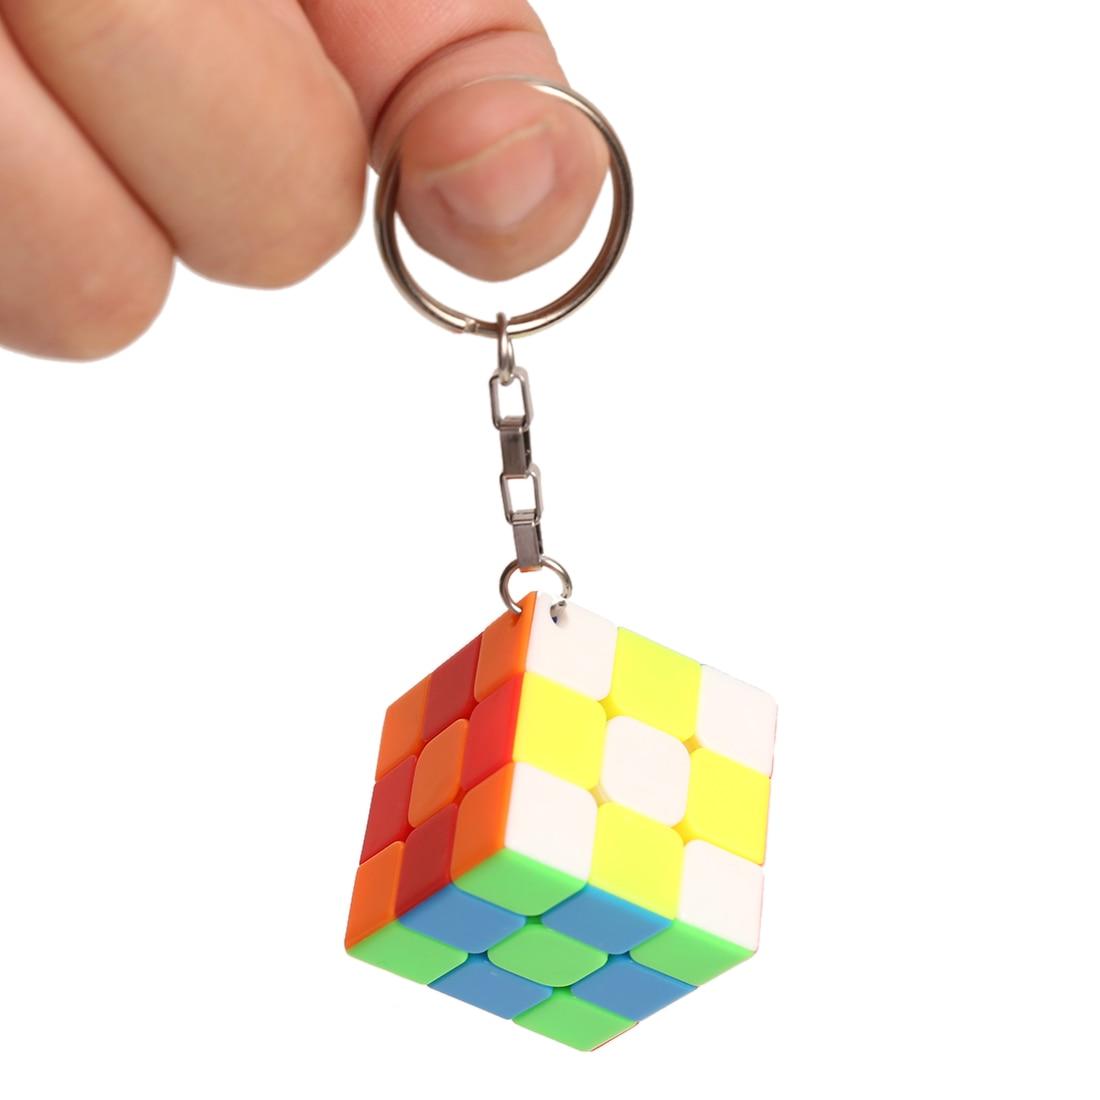 Z Key Chain Mini 3x3 font b Magic b font font b Cube b font Creative